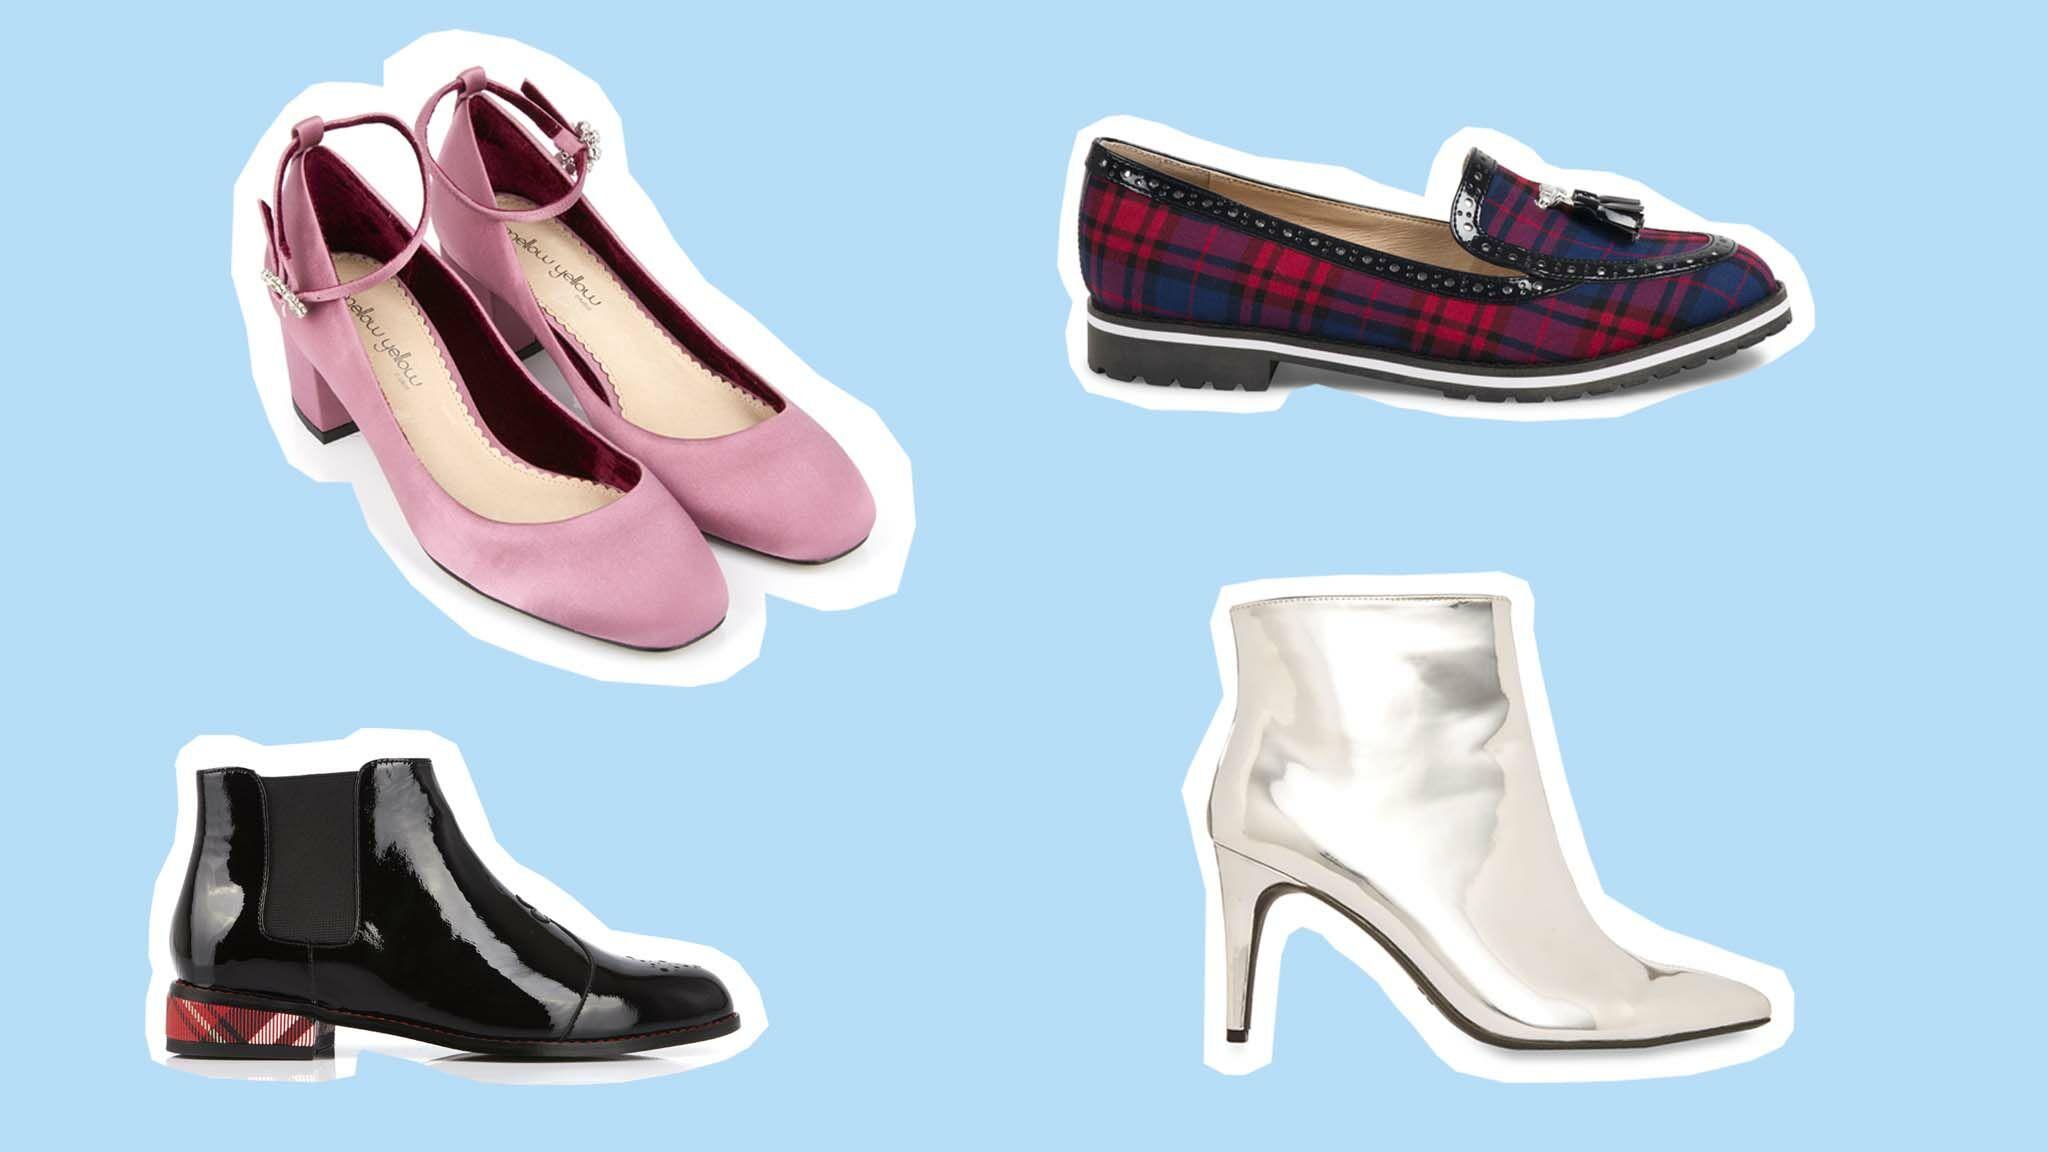 nouveaux styles 8c765 b594a MODE 8 tendances chaussures automne-hiver 2017–2018 - Voici